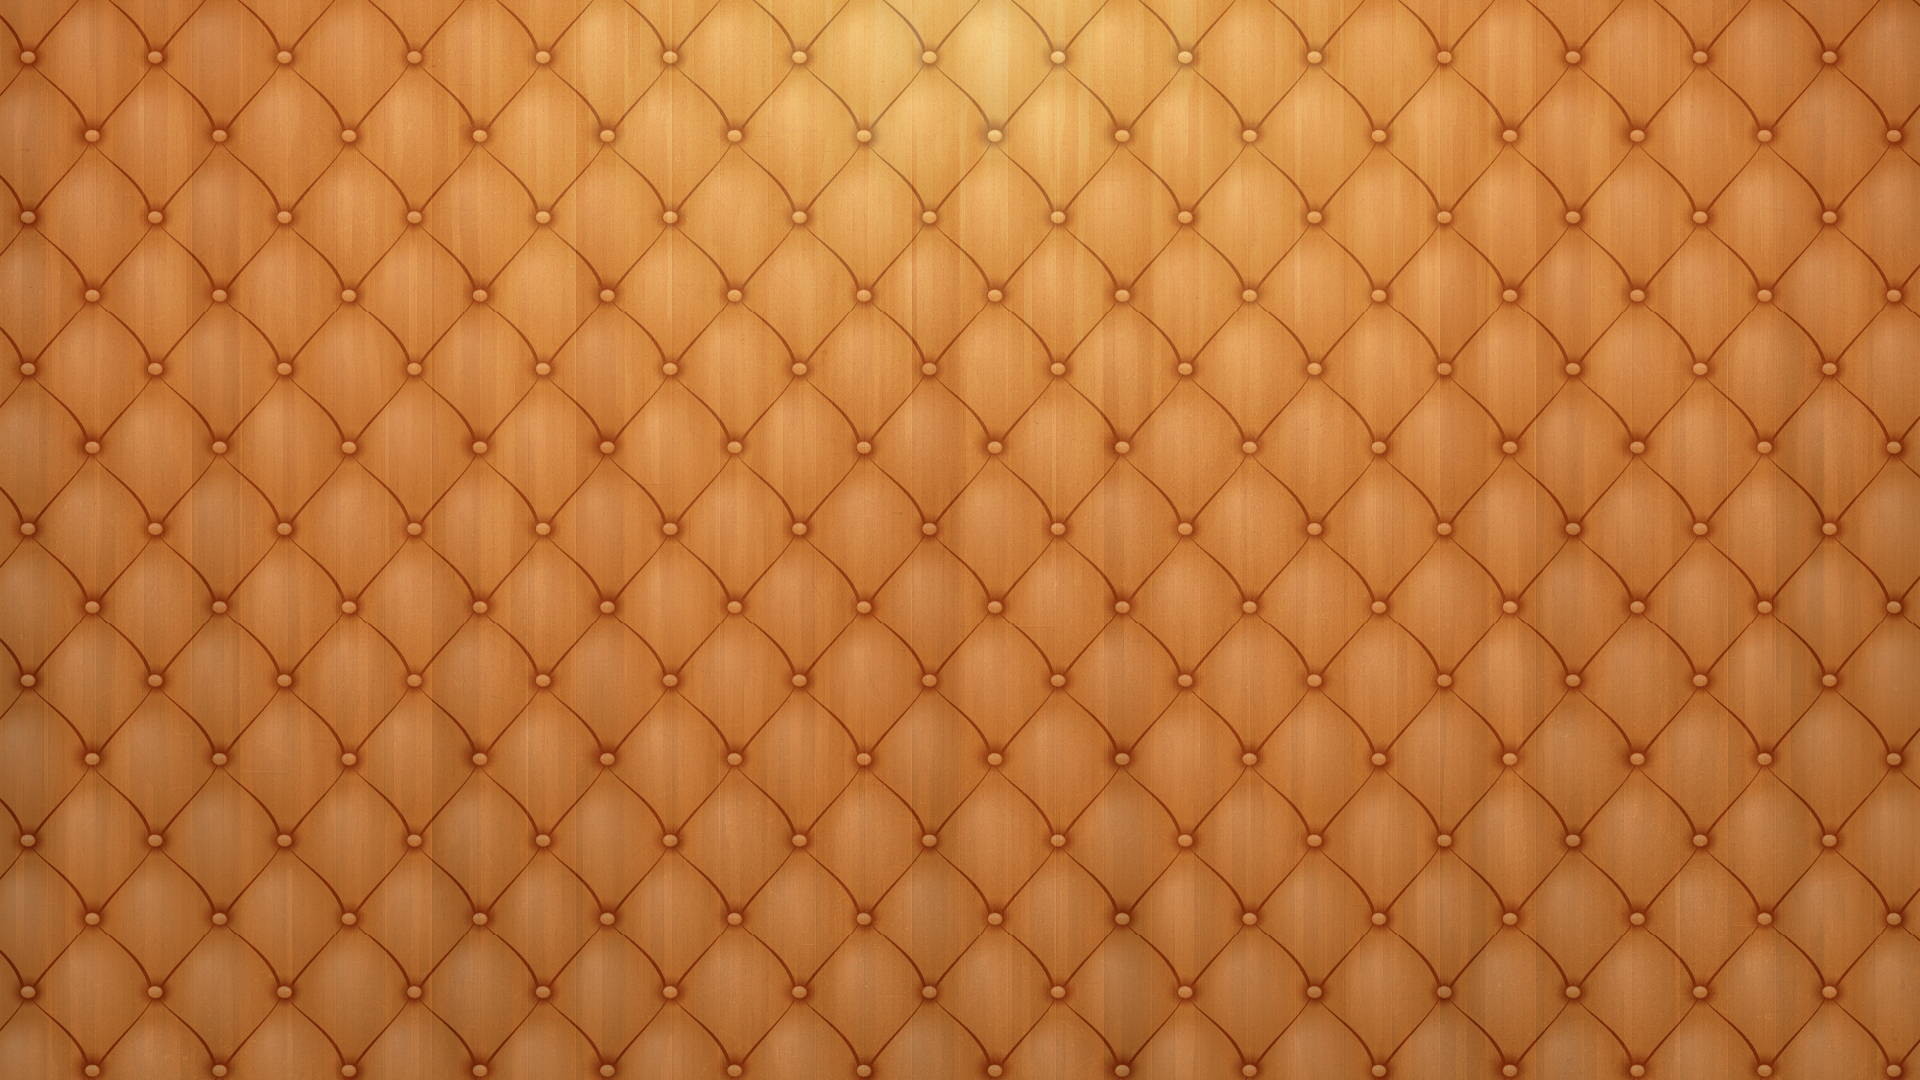 Wood Wallpaper Mod by DeXi on DeviantArt